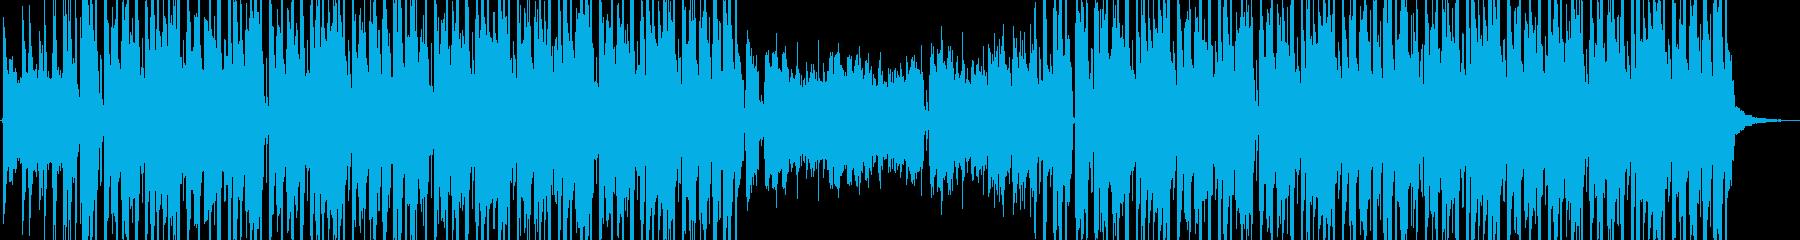 スタイリッシュなヒップホップの再生済みの波形